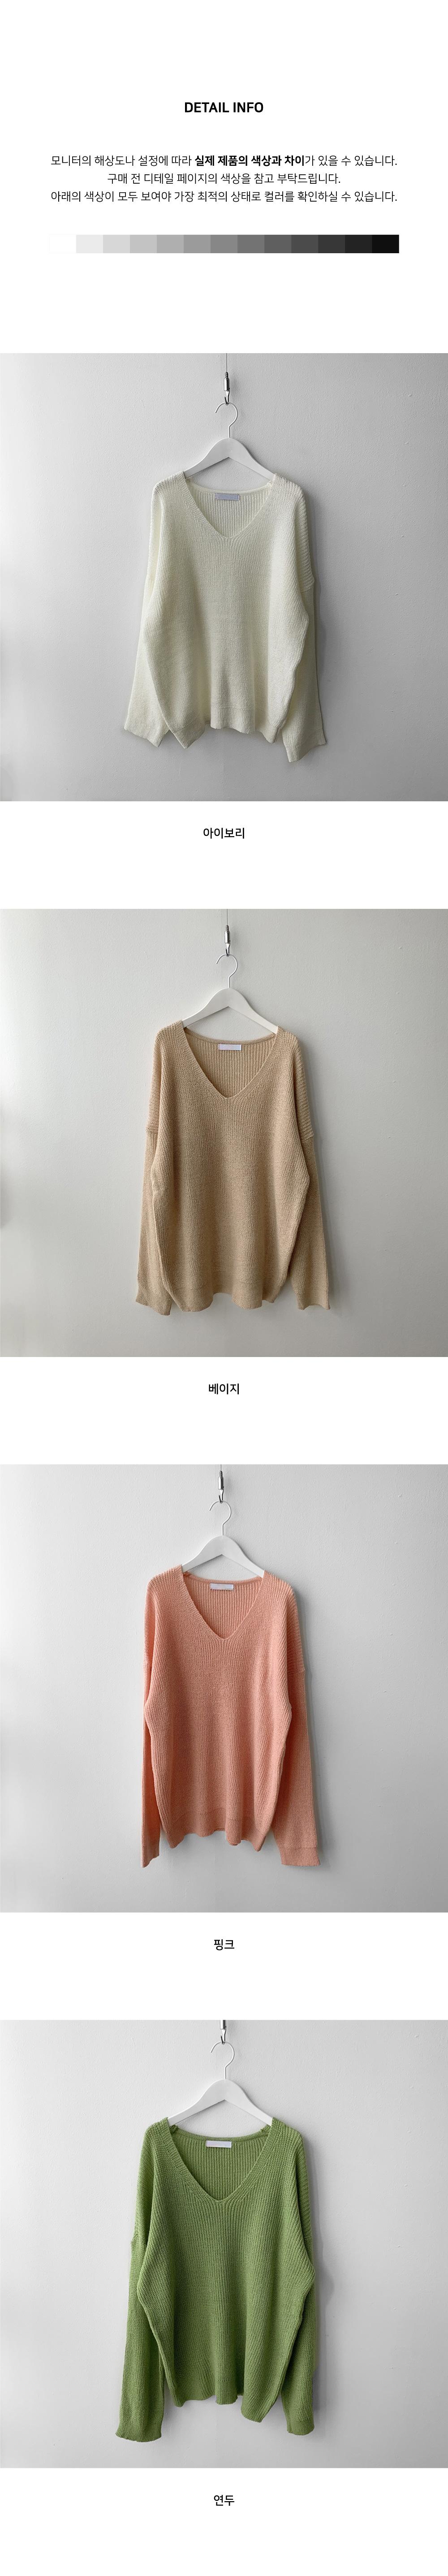 Ciddin Loose-fit Fit Hachi V-Neck Knitwear